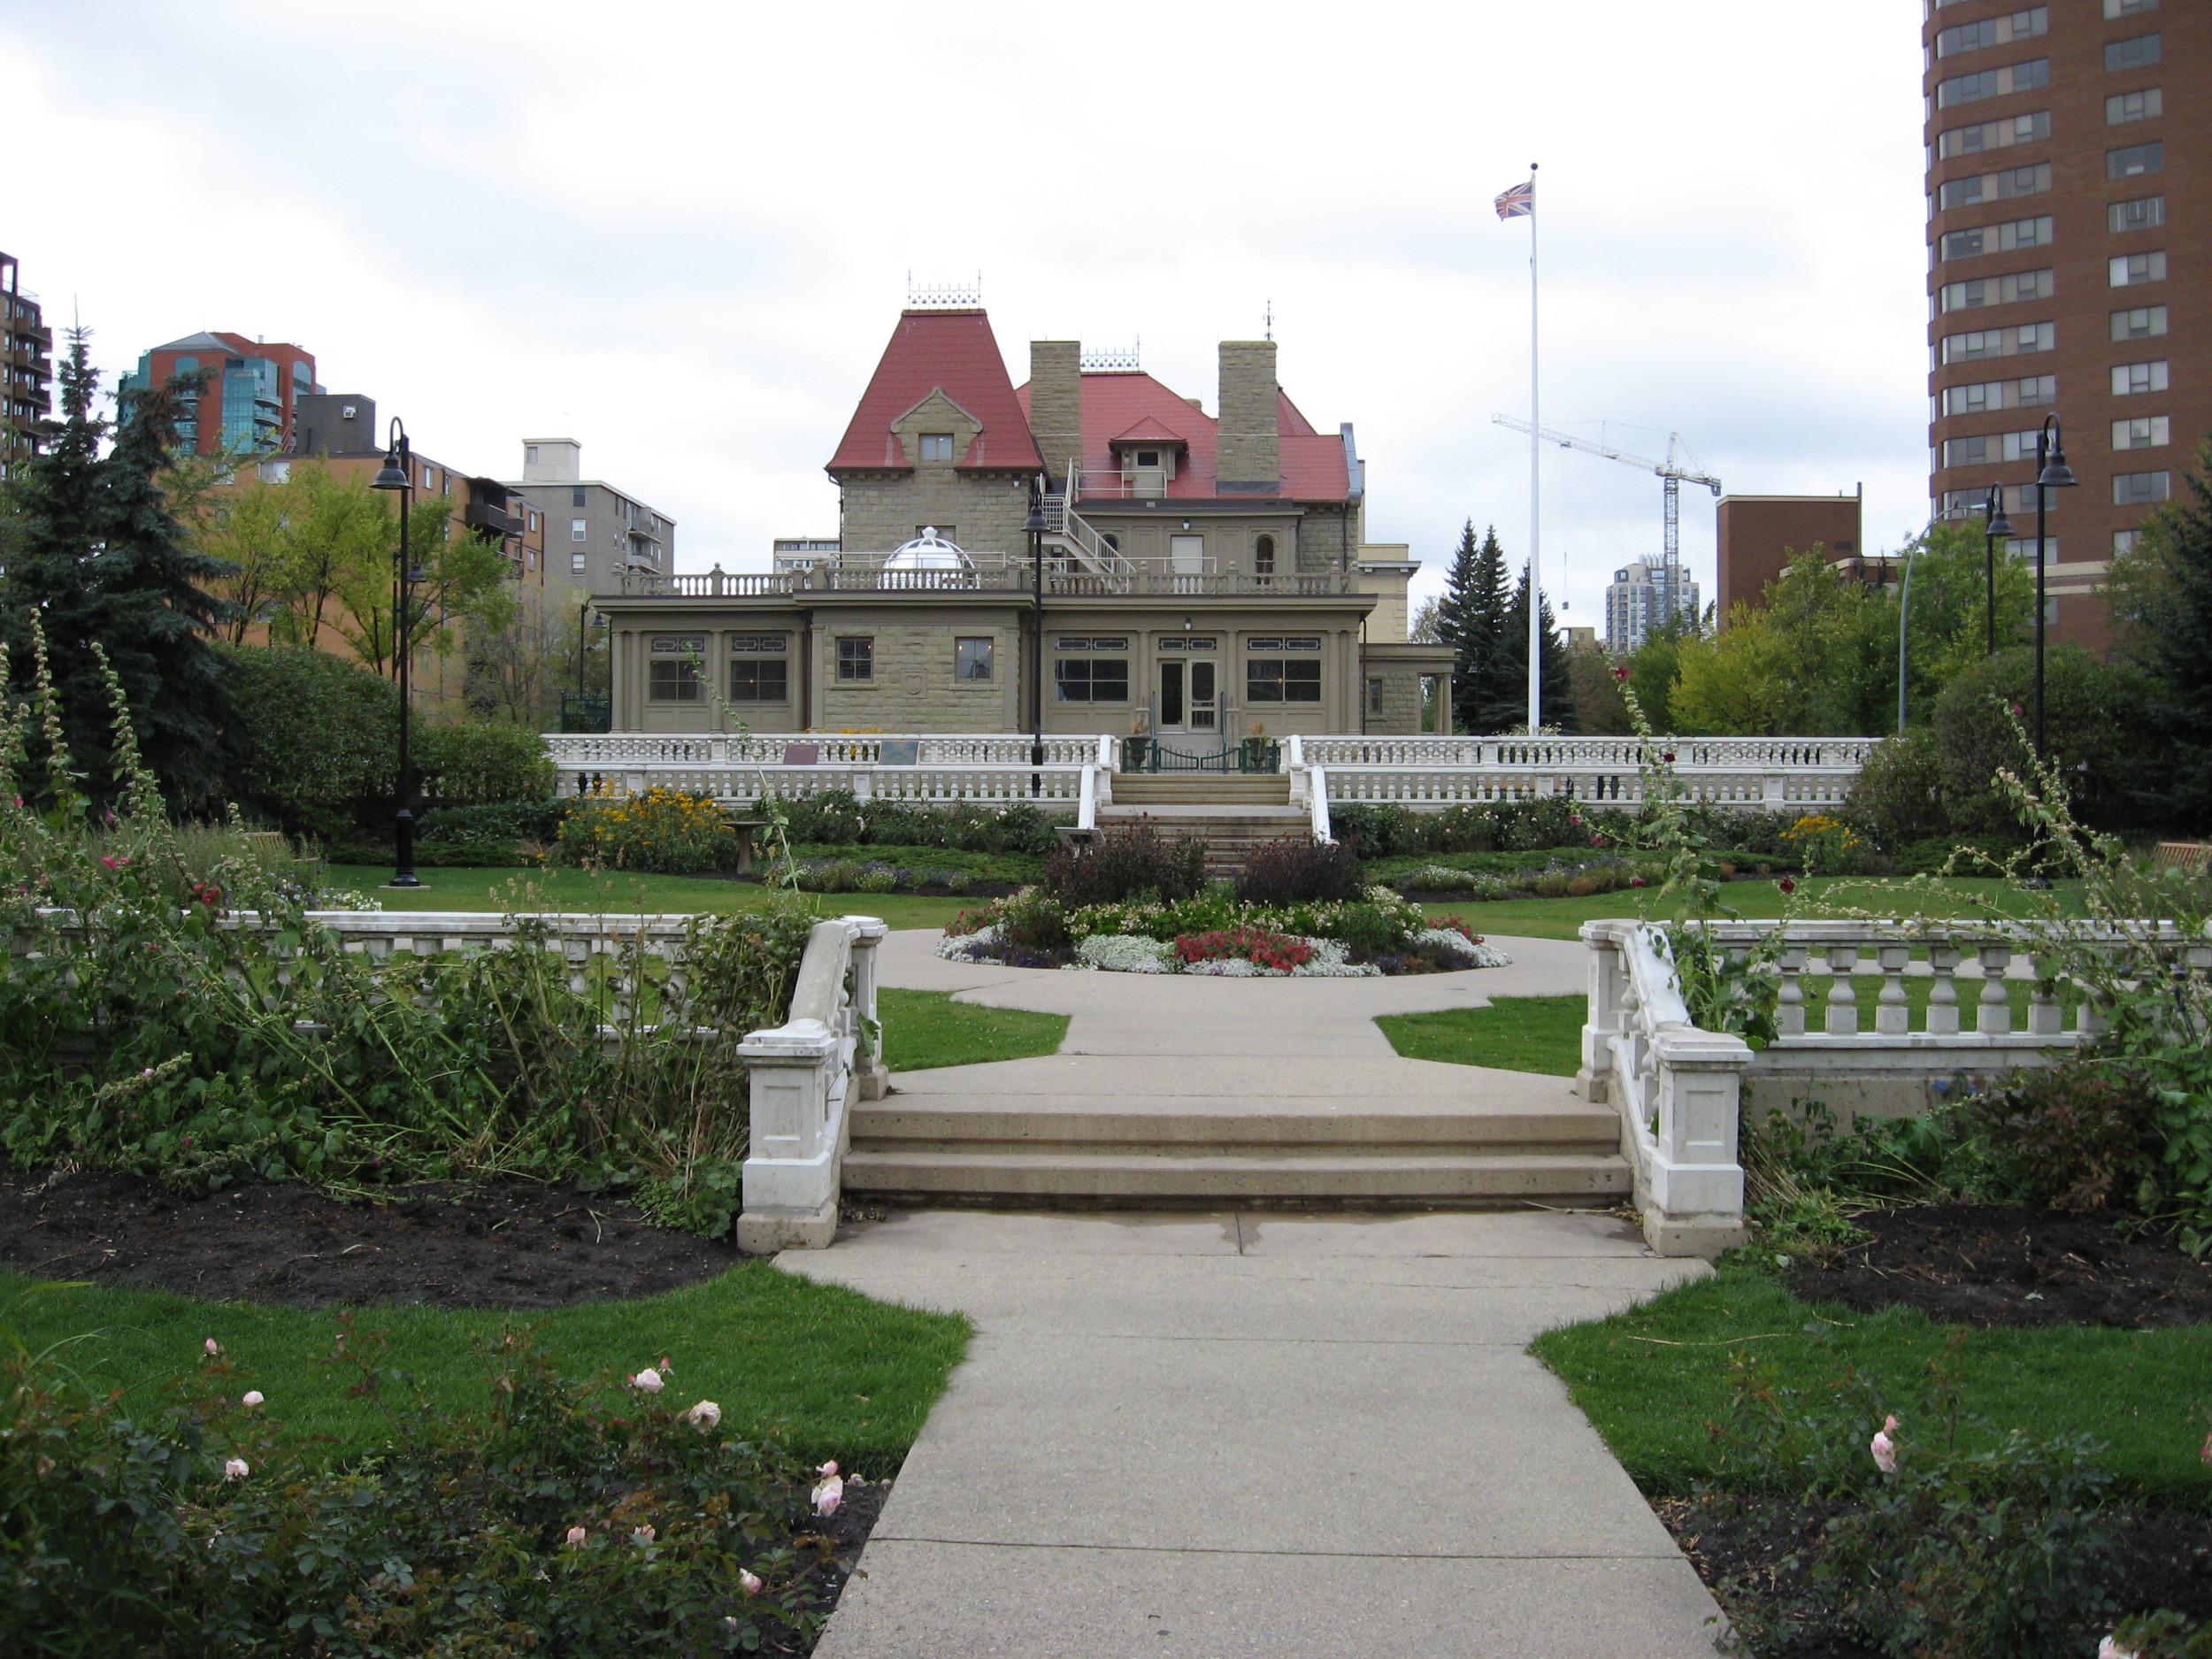 Lougheed House and Beaulieu Gardens